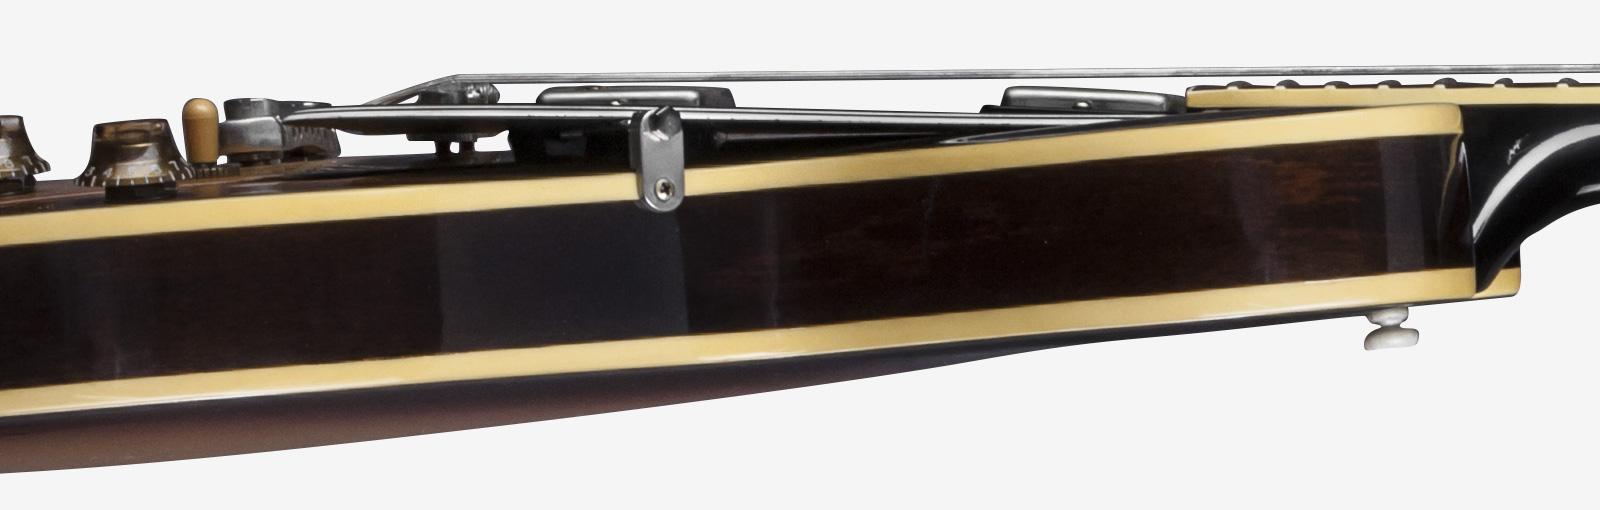 gibson memphis 1959 es 335td. Black Bedroom Furniture Sets. Home Design Ideas